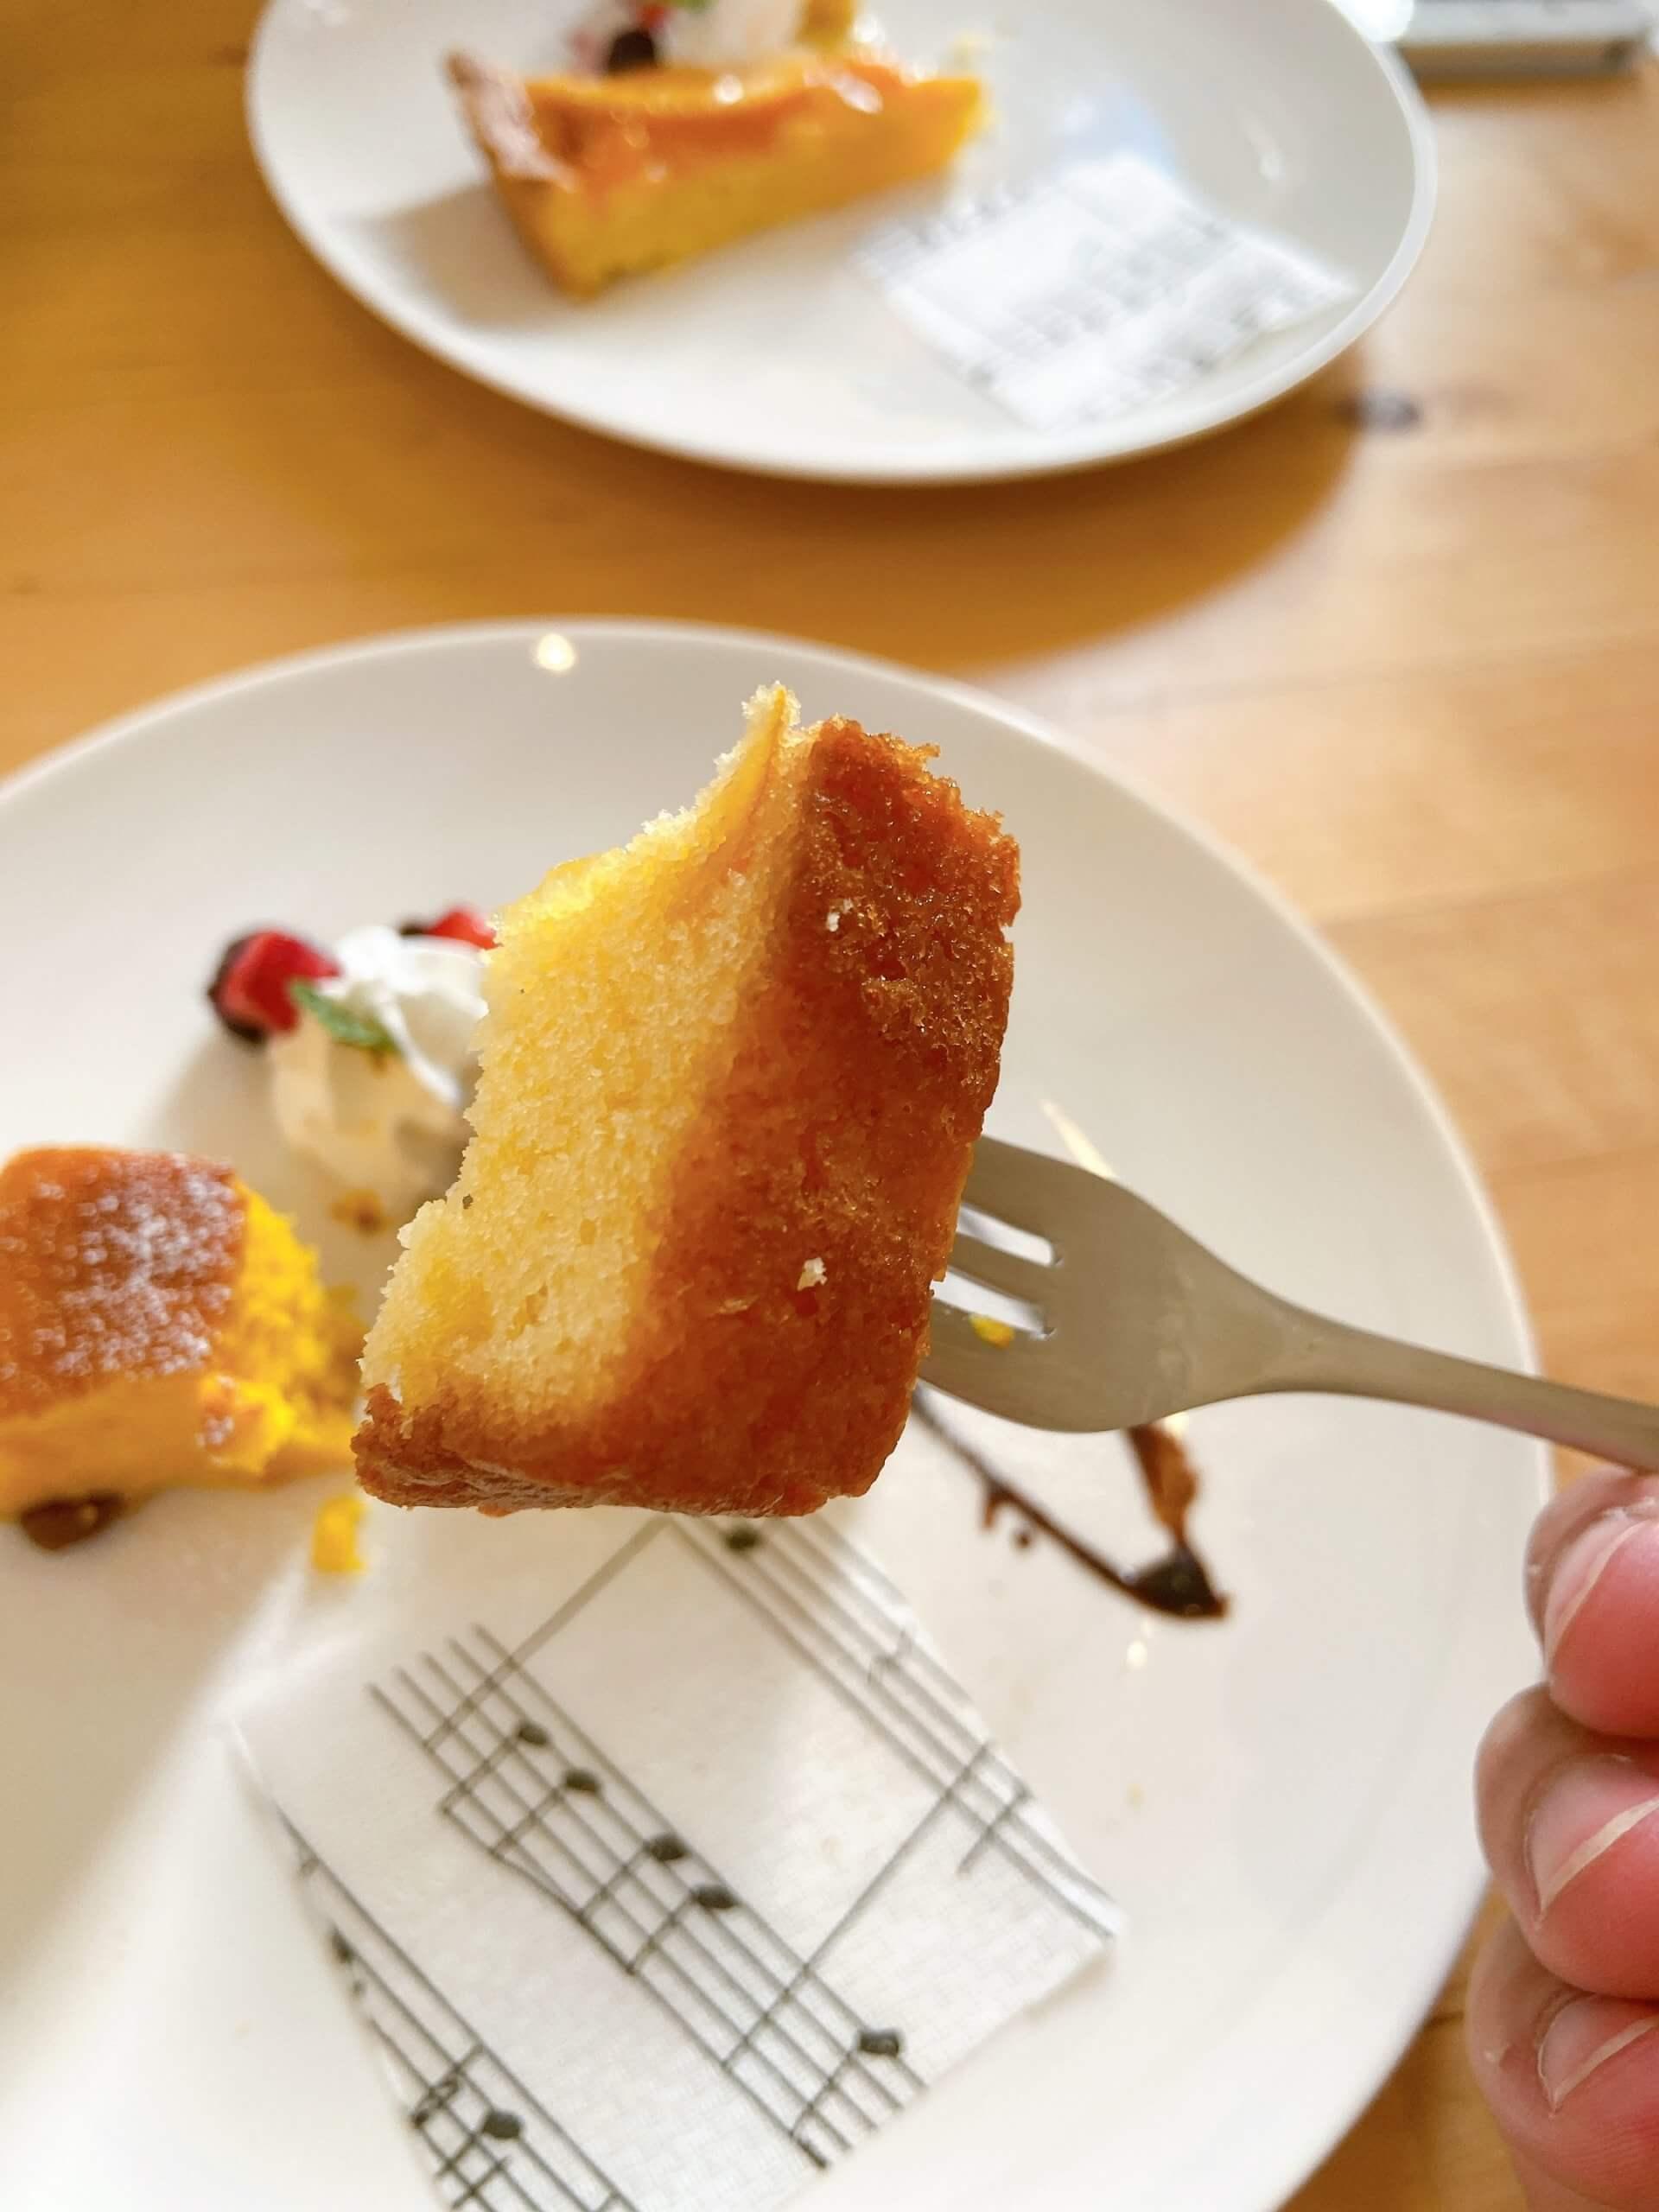 ノラカフェ ケーキ ゆずぱうんど